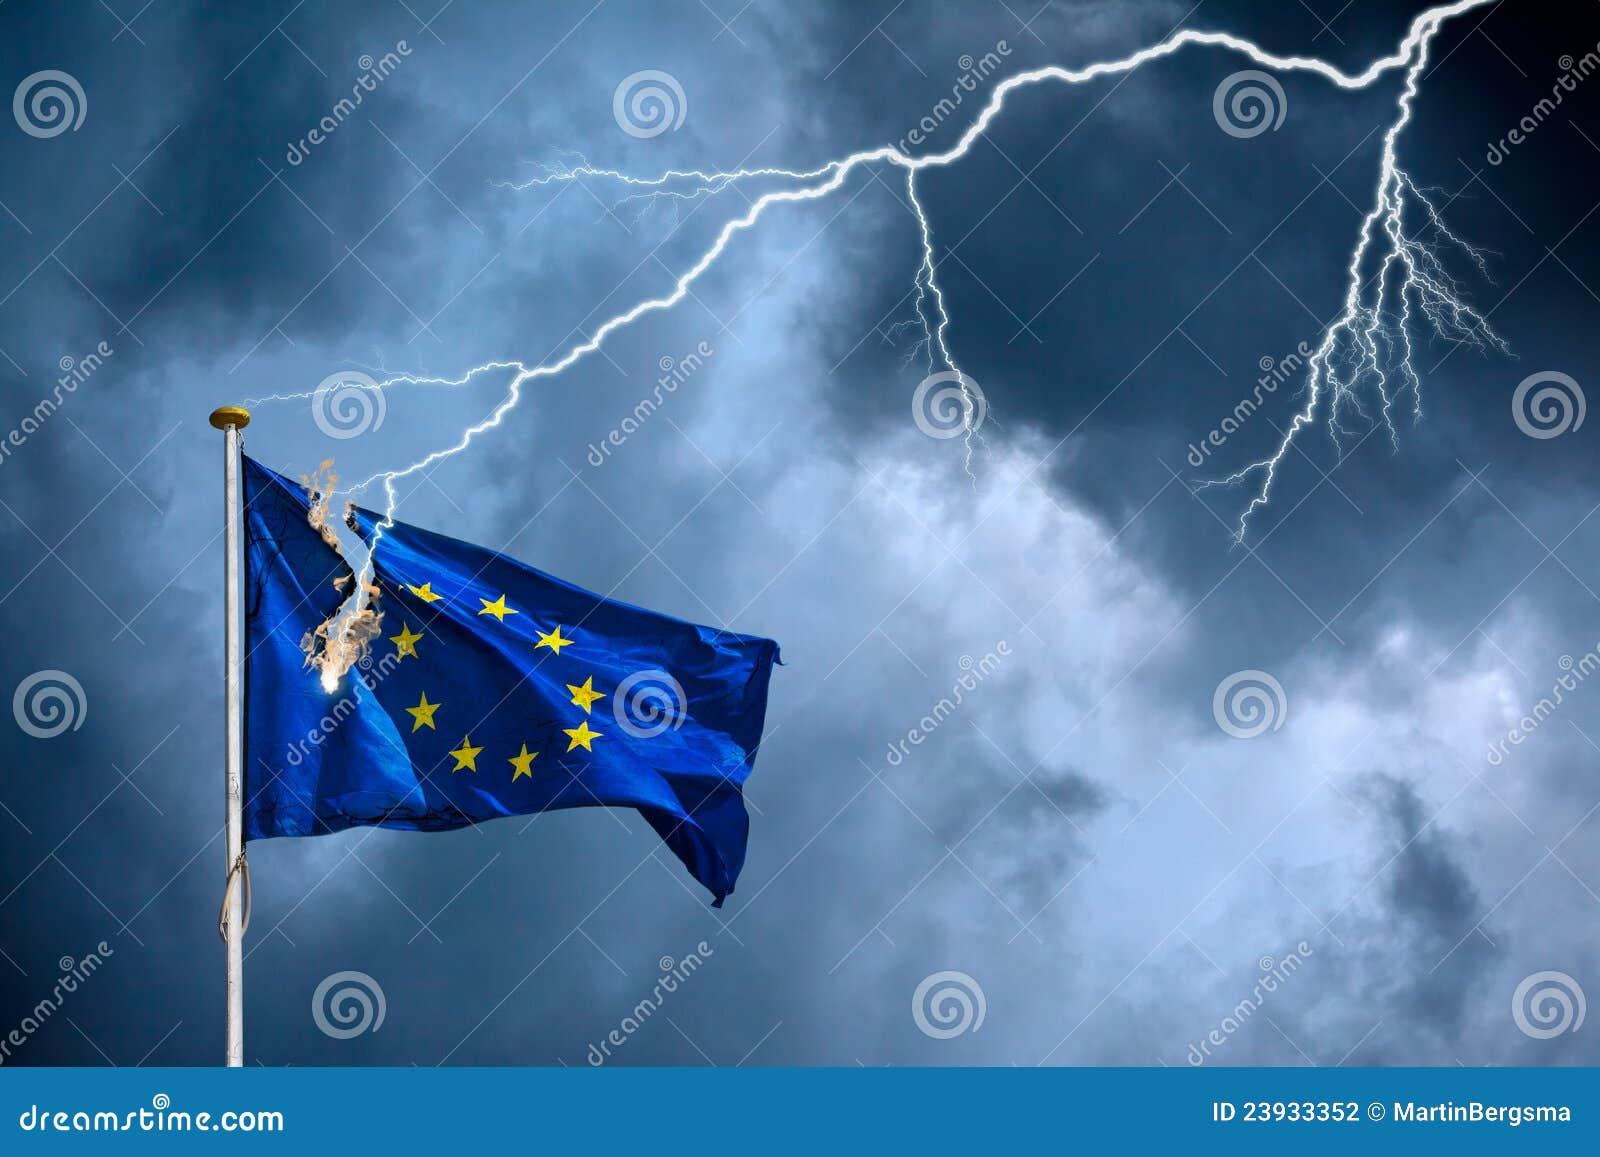 De Europese economische/politieke crisis